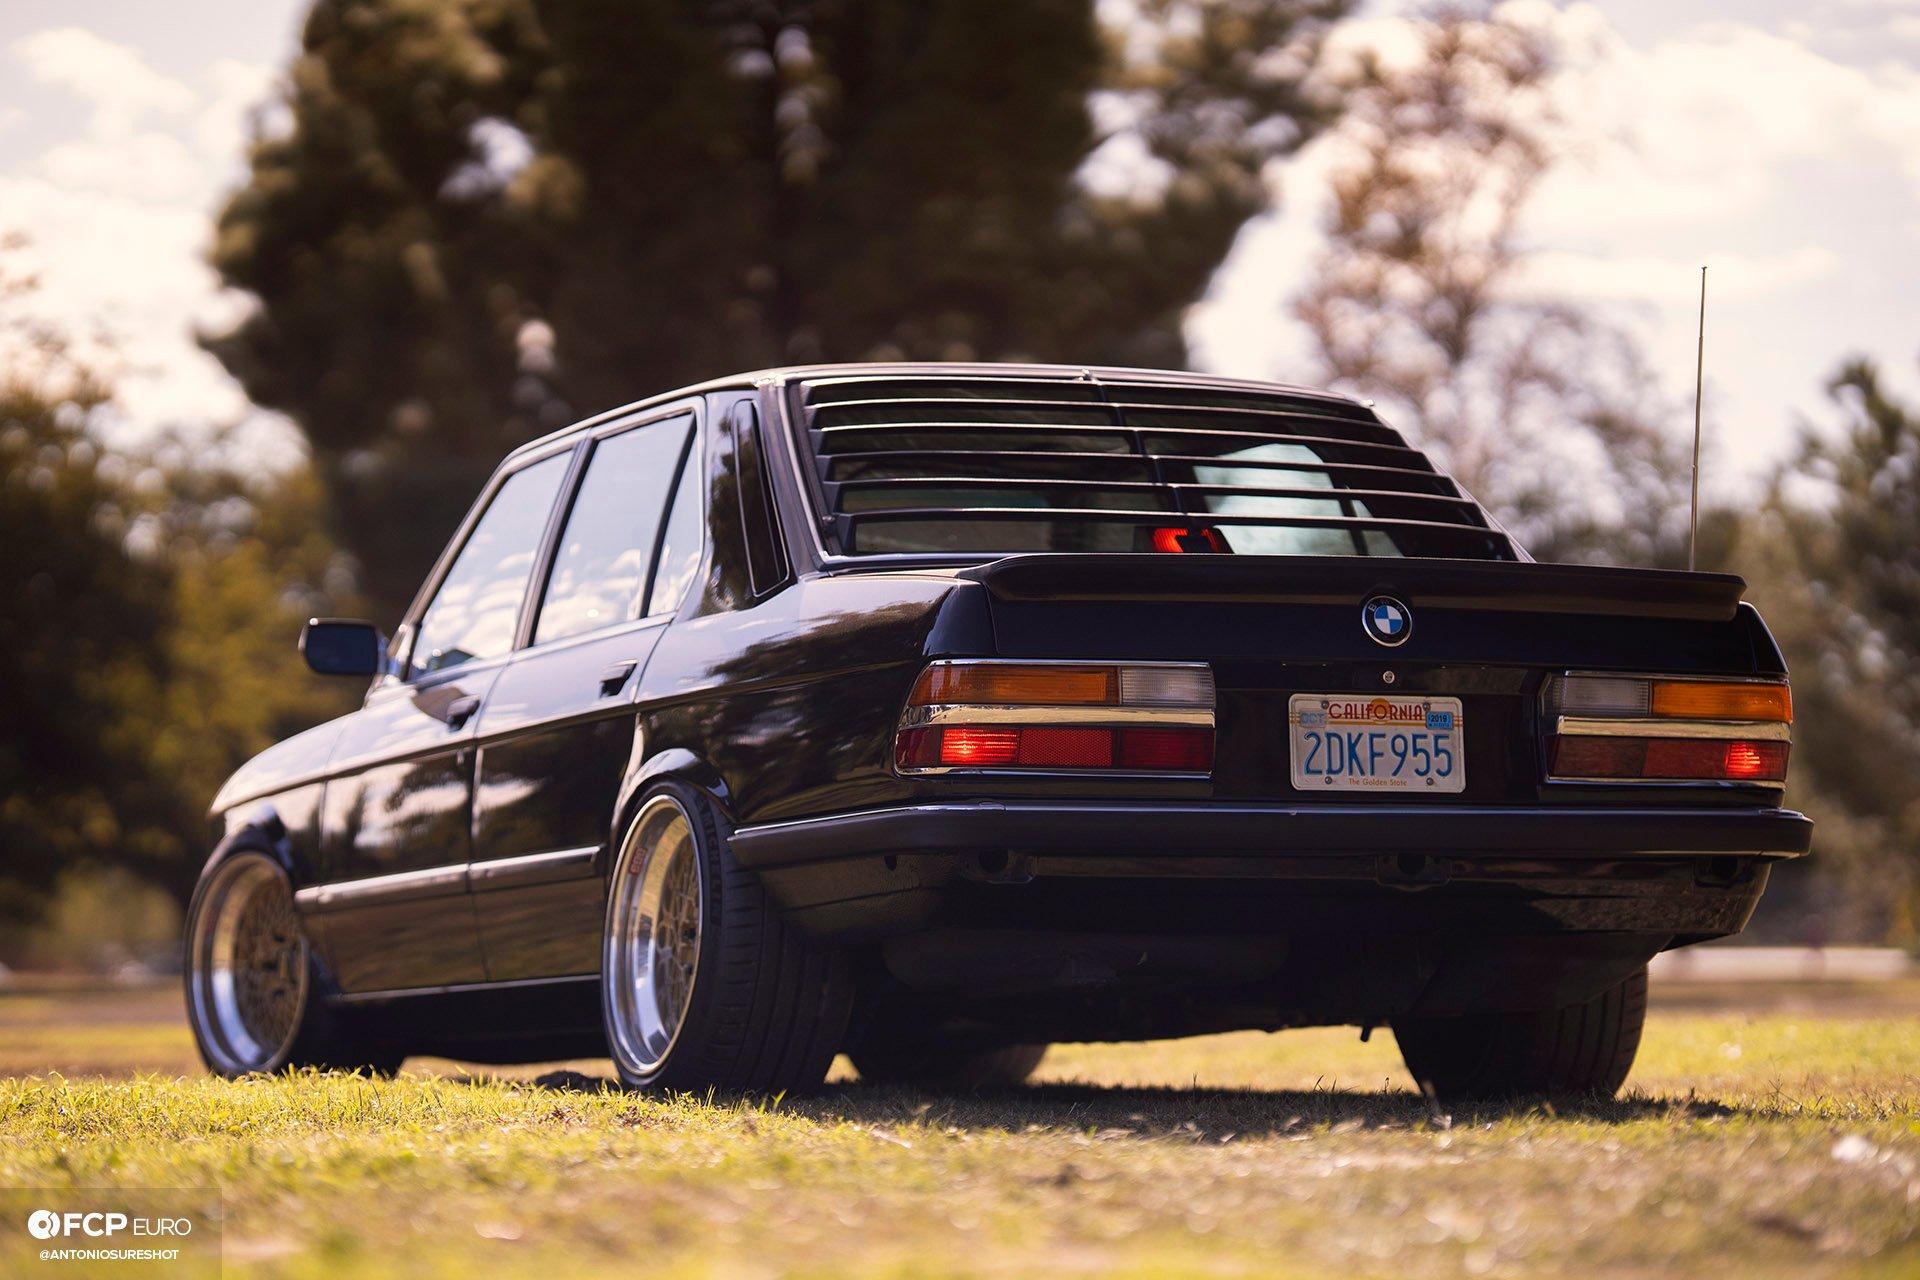 BMW E28 M60B40 V8 Engine Swap 535i Rear End